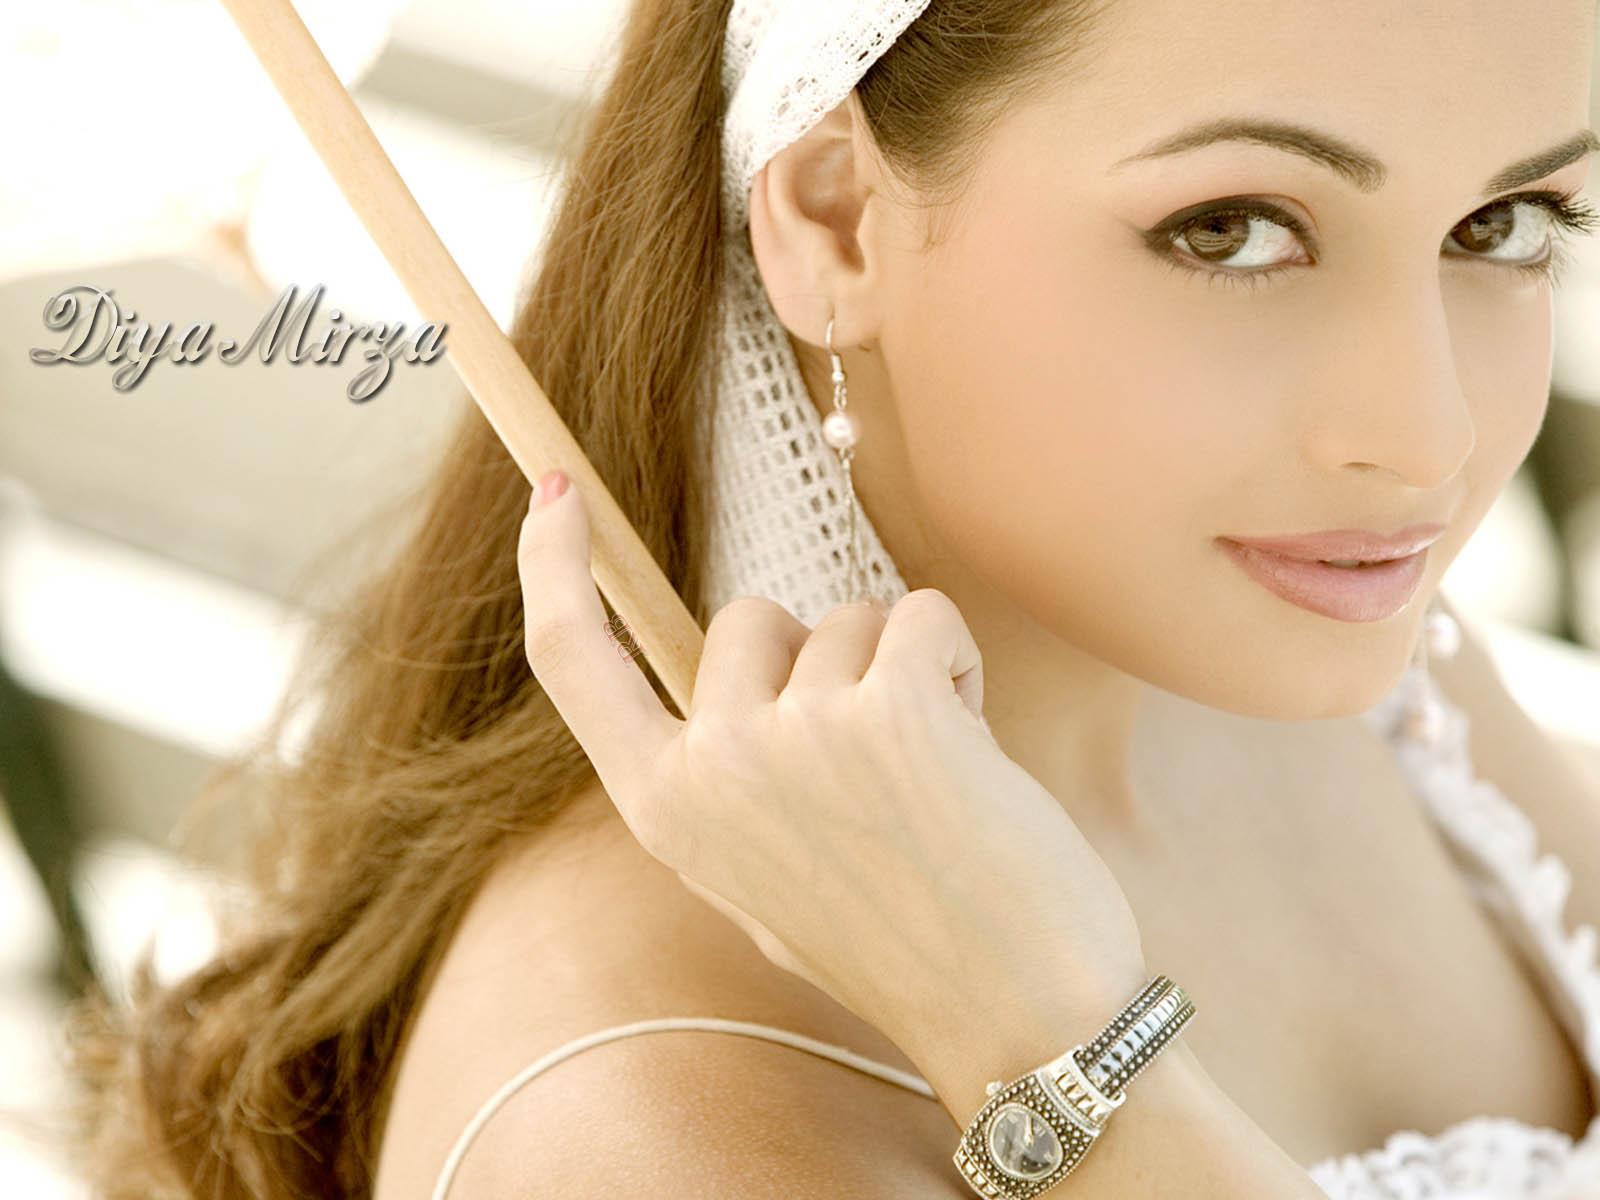 http://1.bp.blogspot.com/-uijVWFAUG_c/TeASPaePcEI/AAAAAAAAA4Q/ecNUv4x3Wk4/s1600/diya_mirza-48.jpg